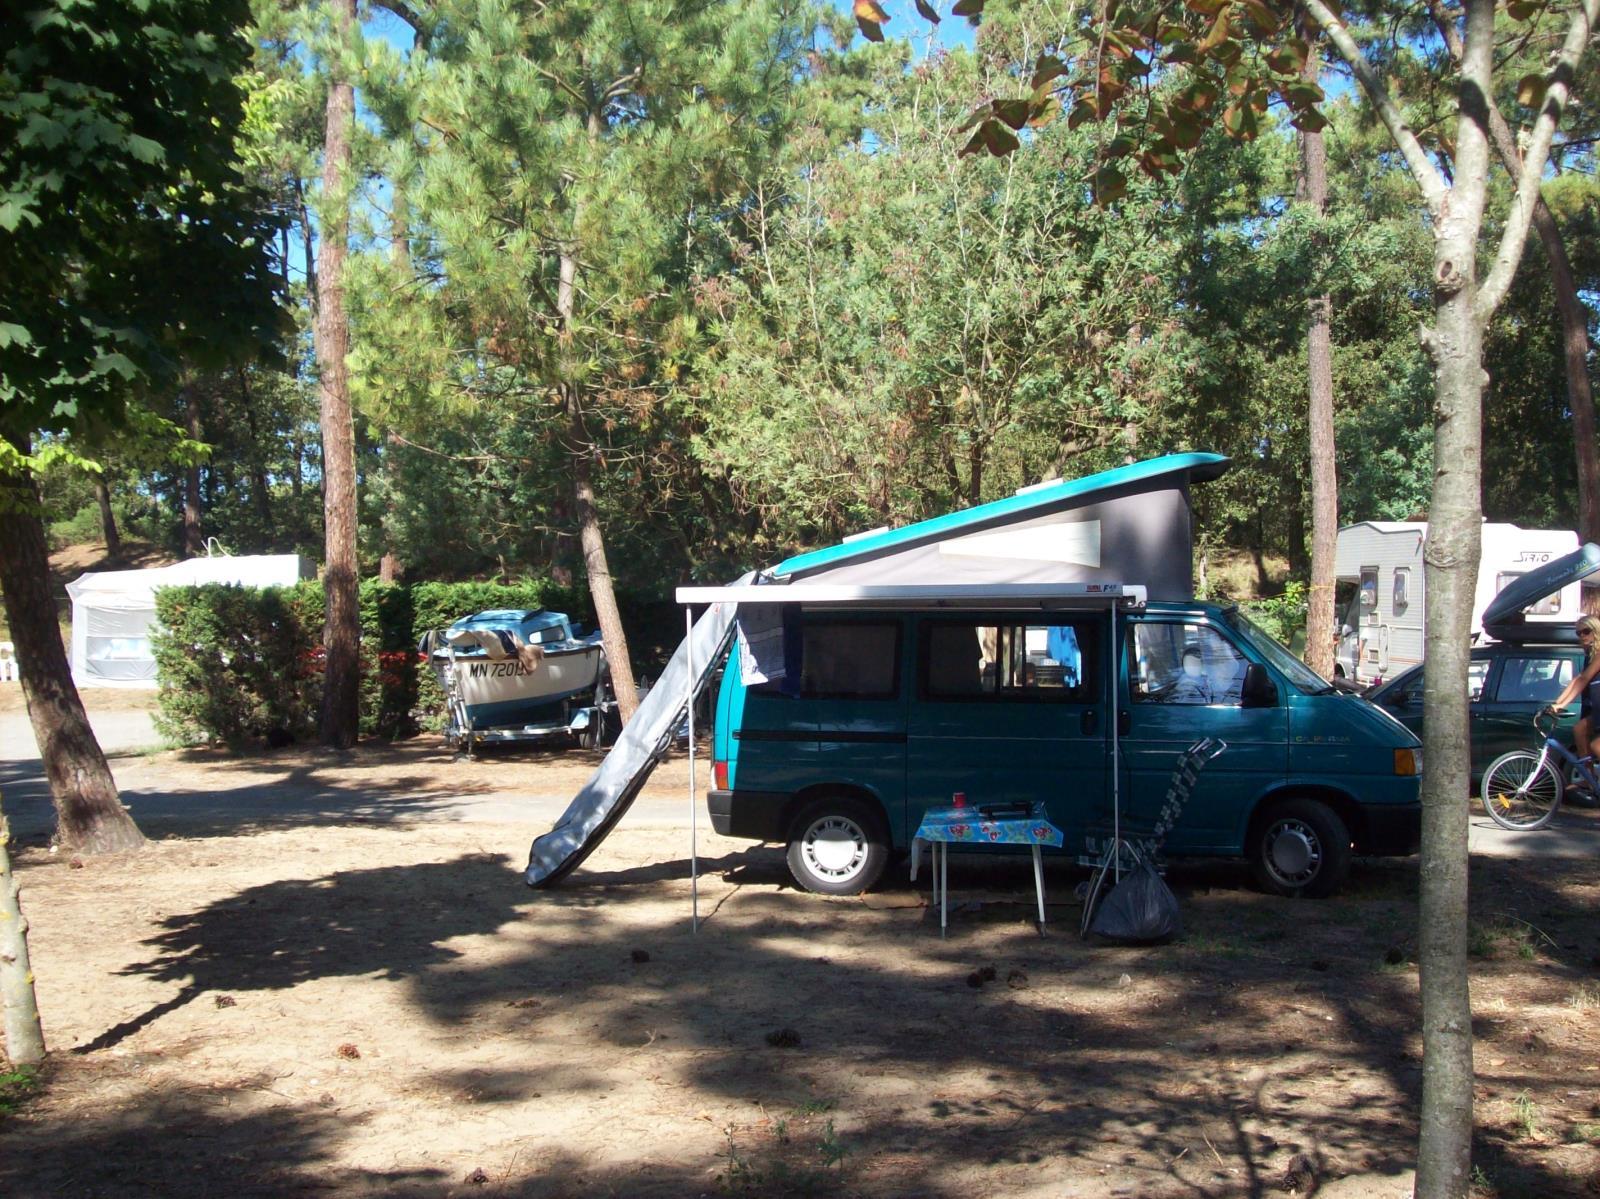 Emplacement - Emplacement Eden Branché Tente - Camping-Club Les Pins